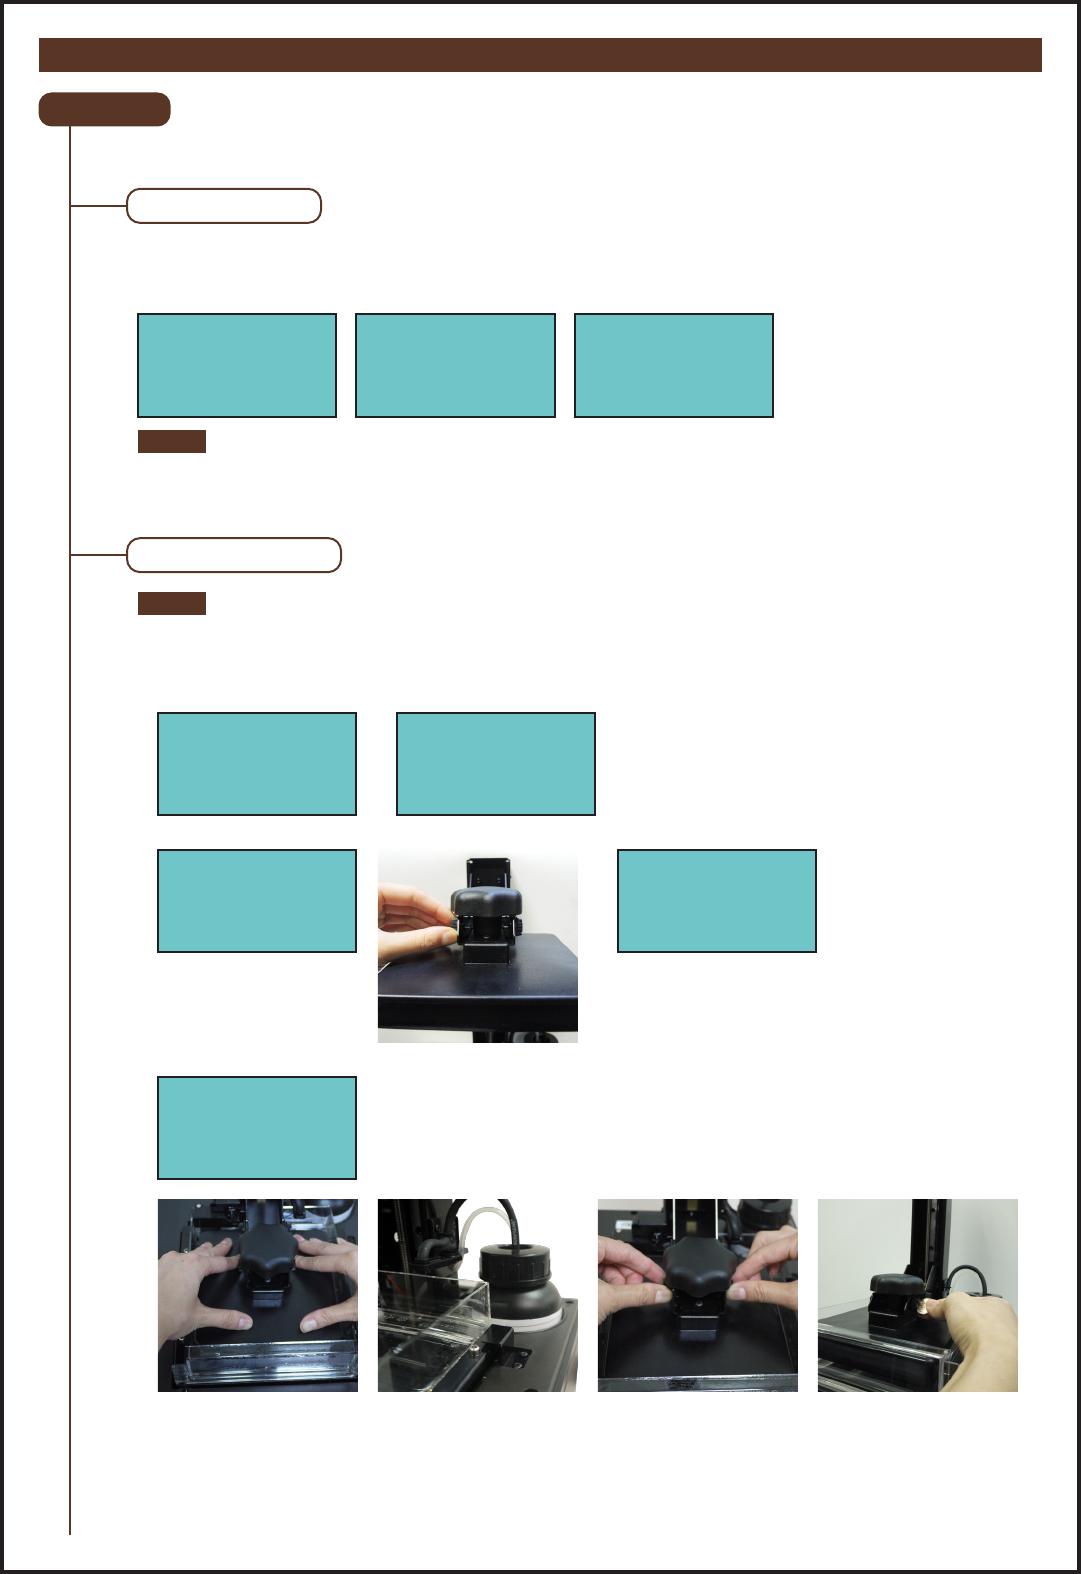 XYZprinting 3L10A 3D Printer User Manual NOBEL 1 0A EN V1